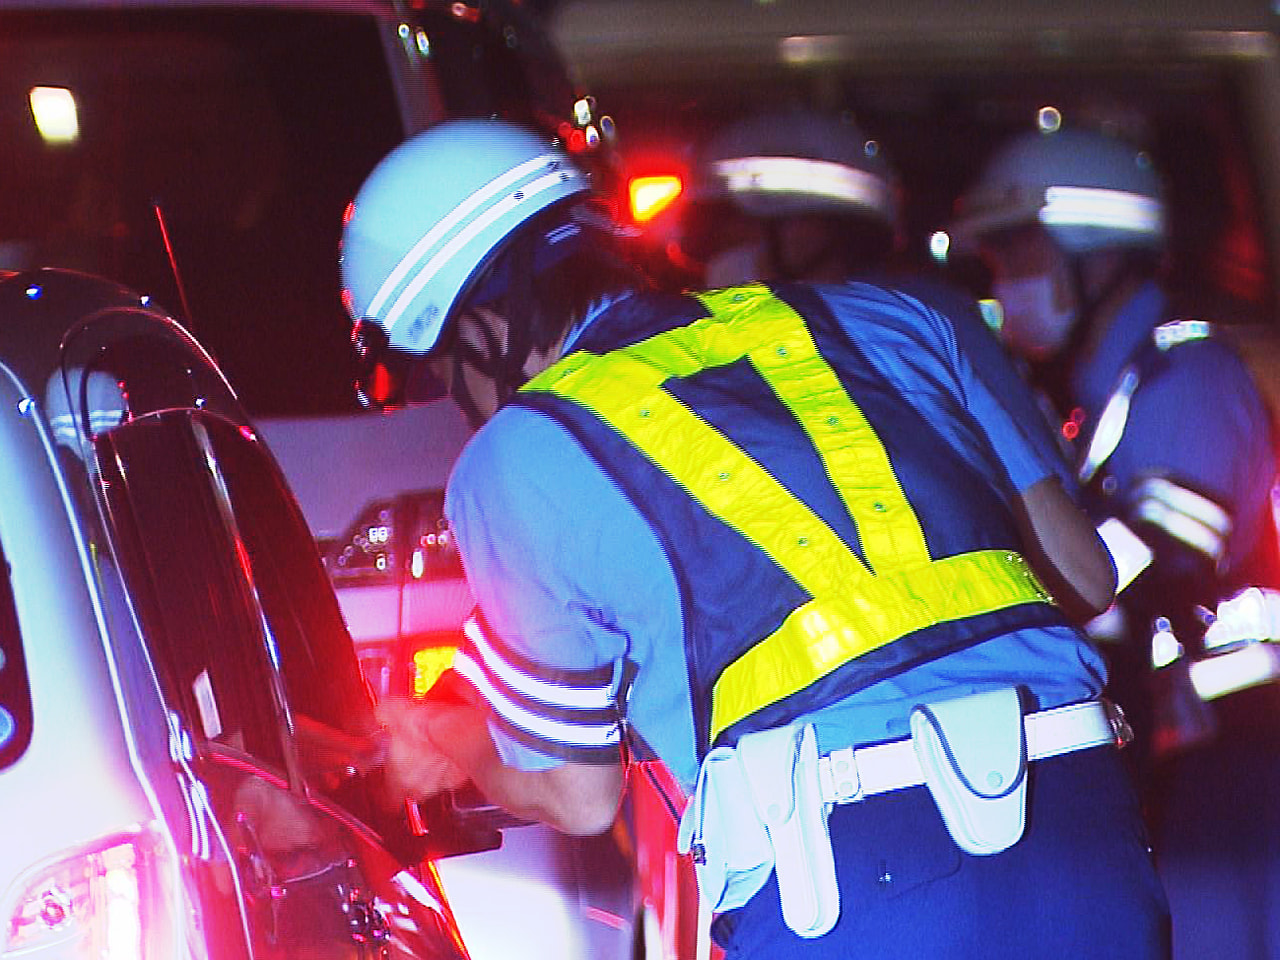 5月末から交通死亡事故が相次いだことを受けて、緊急対策に乗り出した警察は、緊急の...